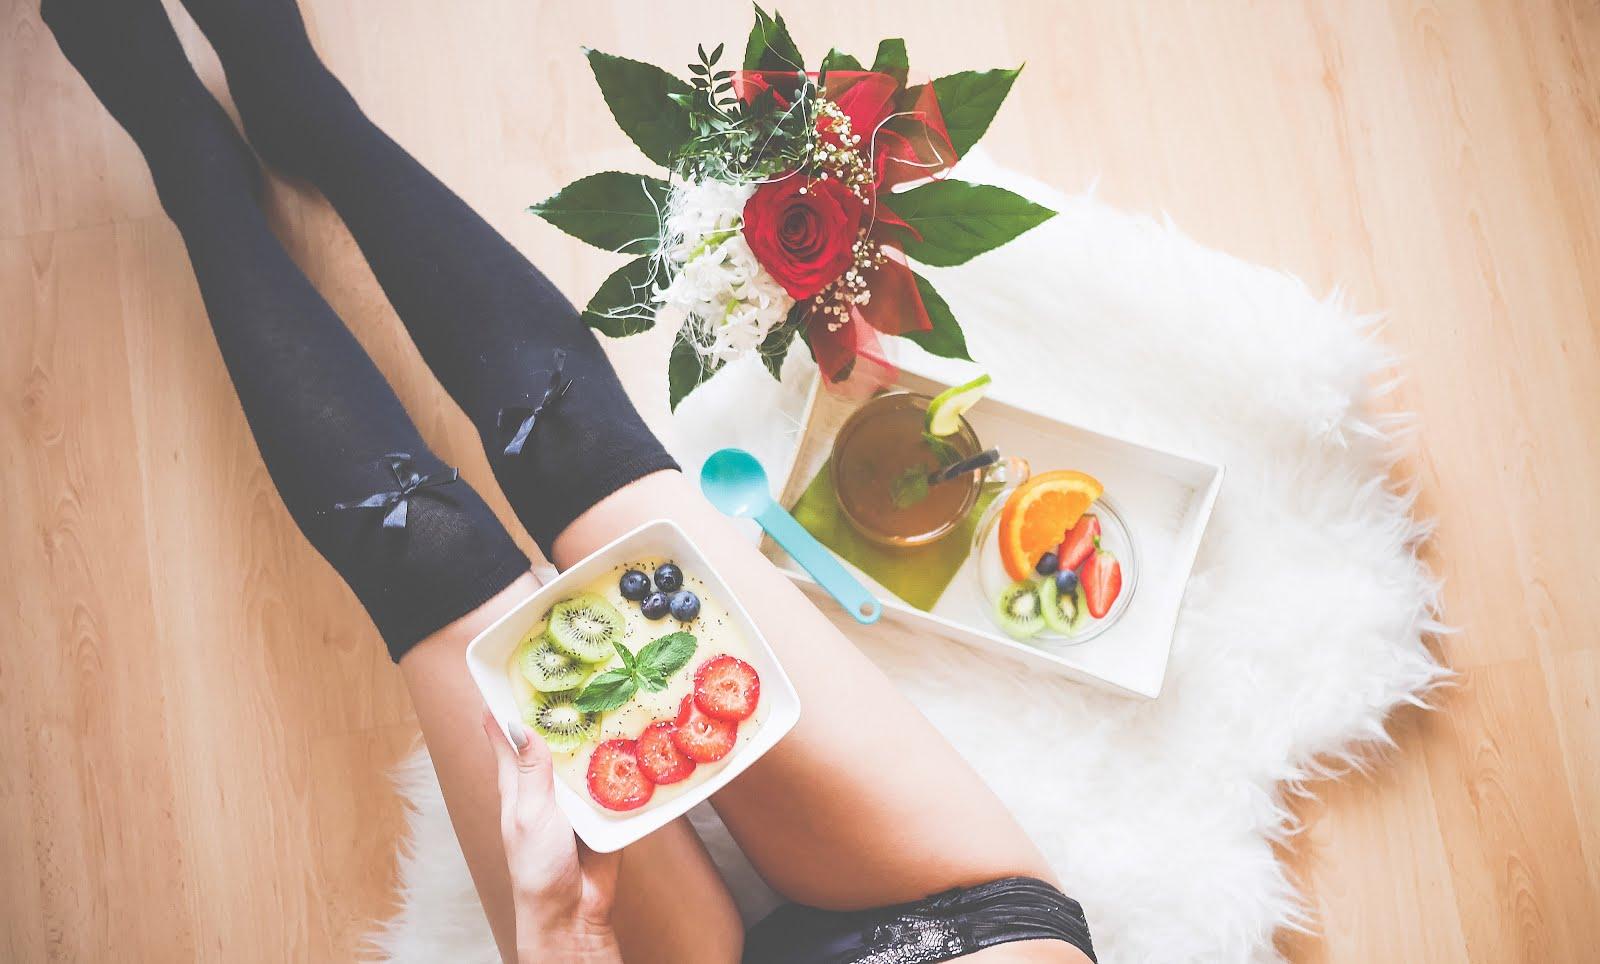 7 rzeczy, które powinienieneś wiedzieć o byciu fit, jeśli chcesz dobrze rozpocząć nowy rok